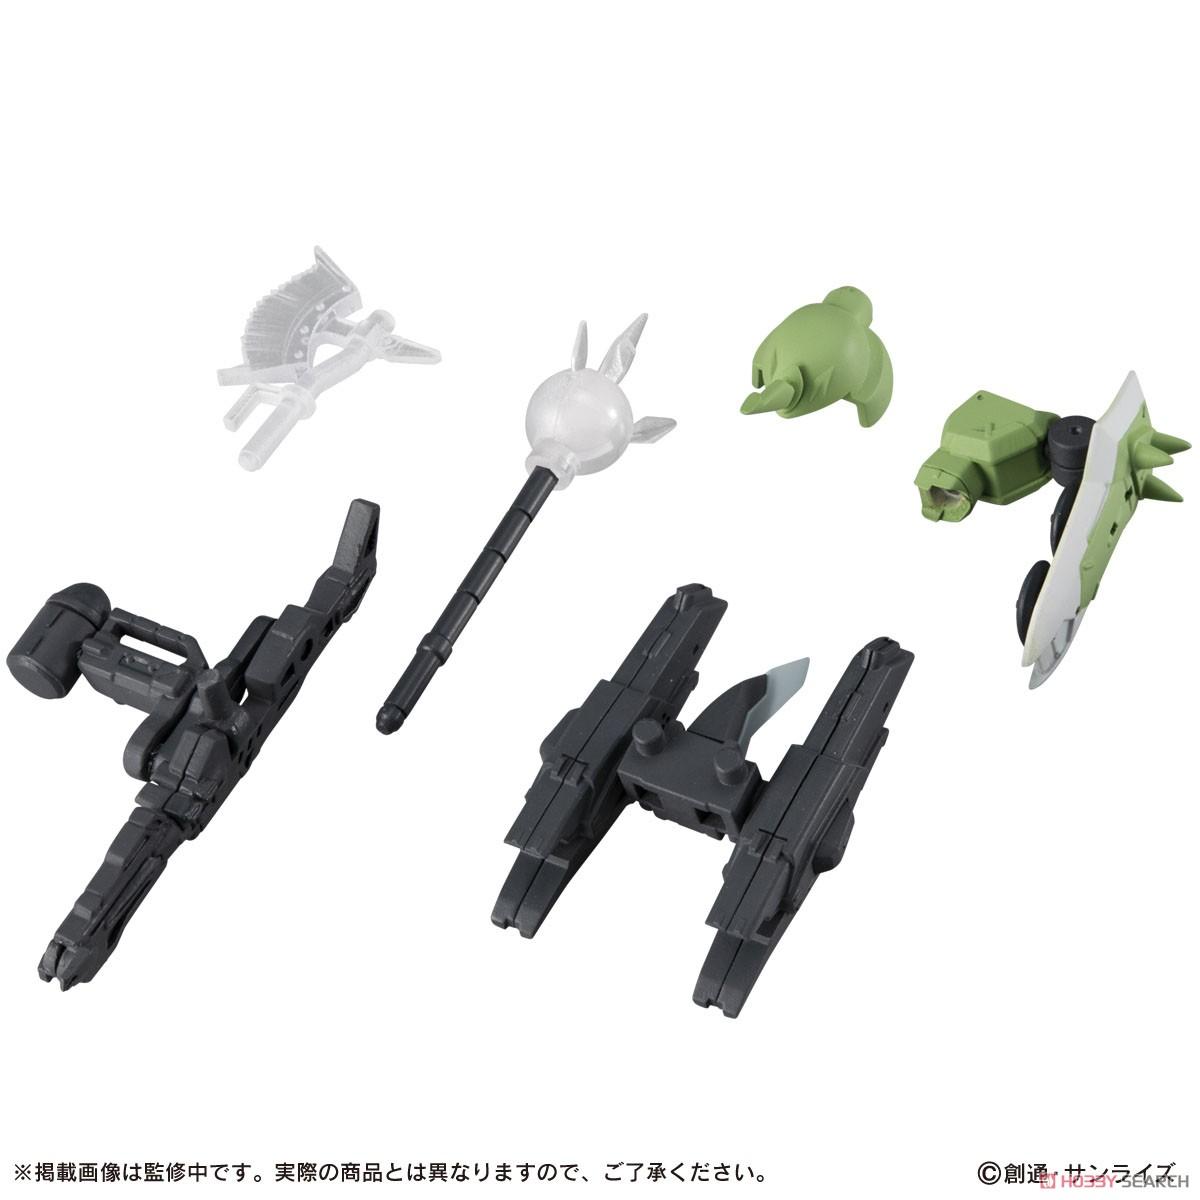 機動戦士ガンダム『MOBILE SUIT ENSEMBLE18』デフォルメ可動フィギュア 10個入りBOX-006